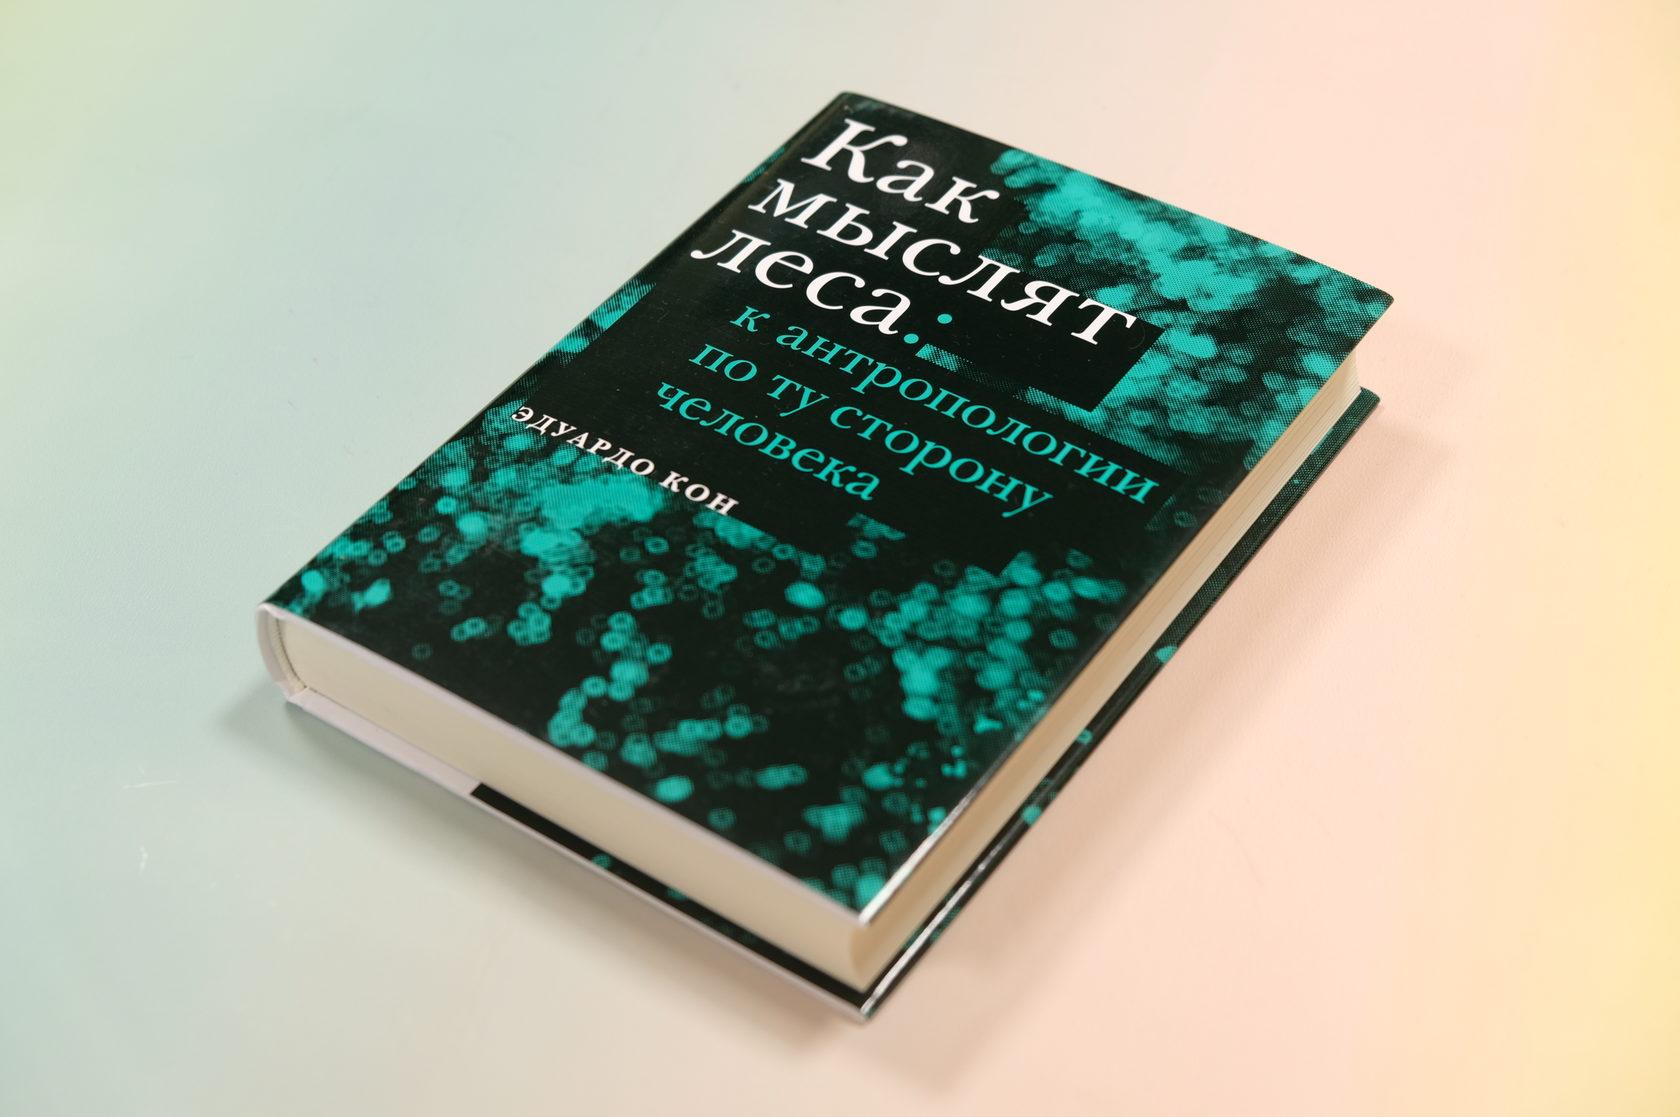 Эдуардо Кон «Как мыслят леса: к антропологии по ту сторону человека»